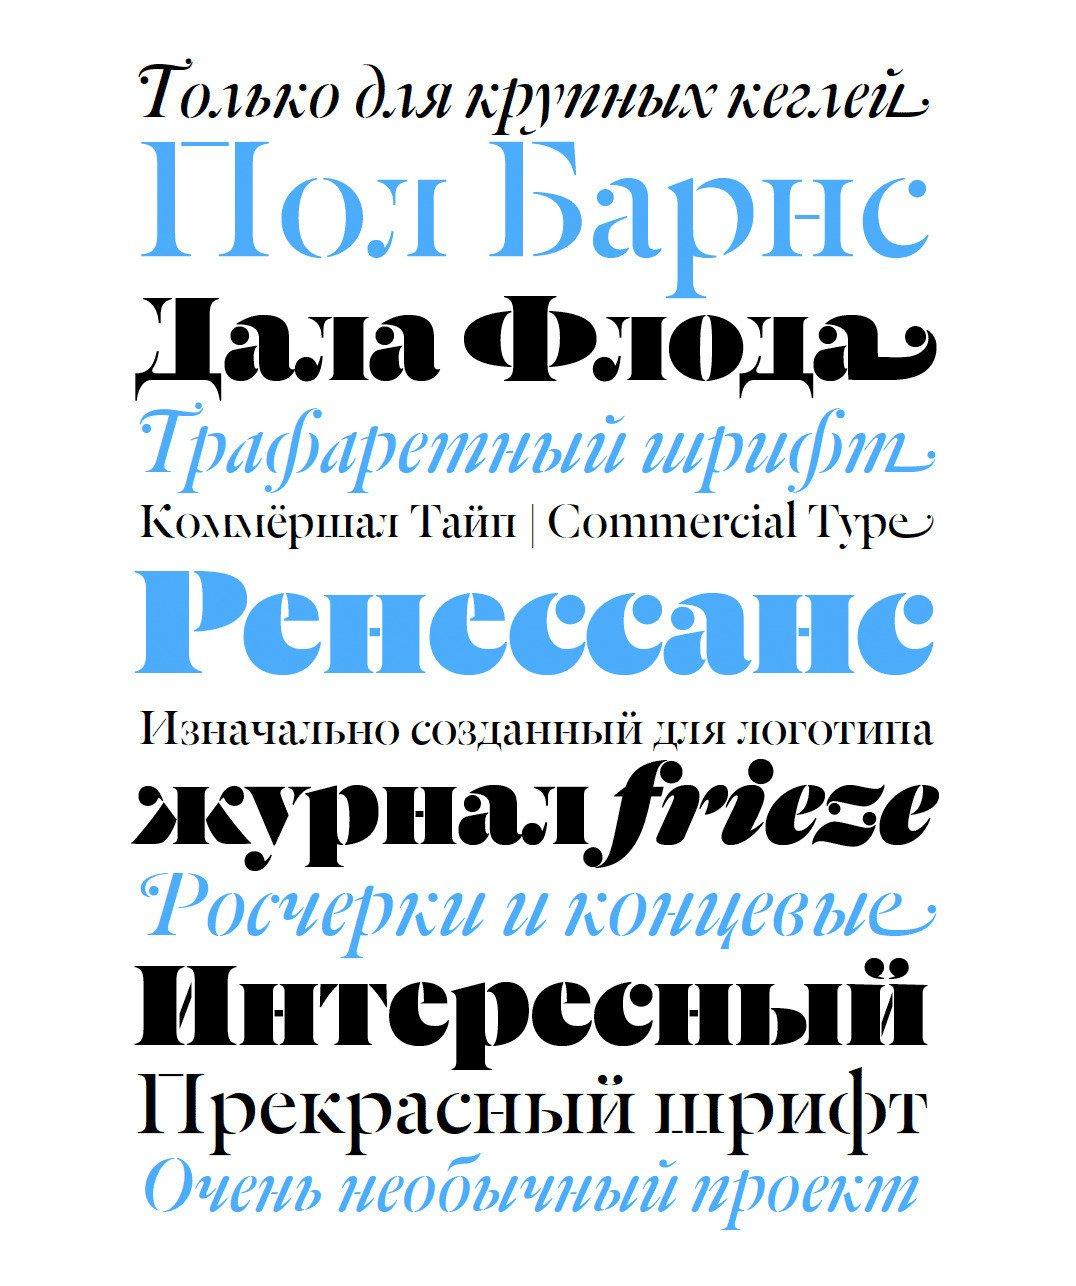 dala_floda_cyrillic